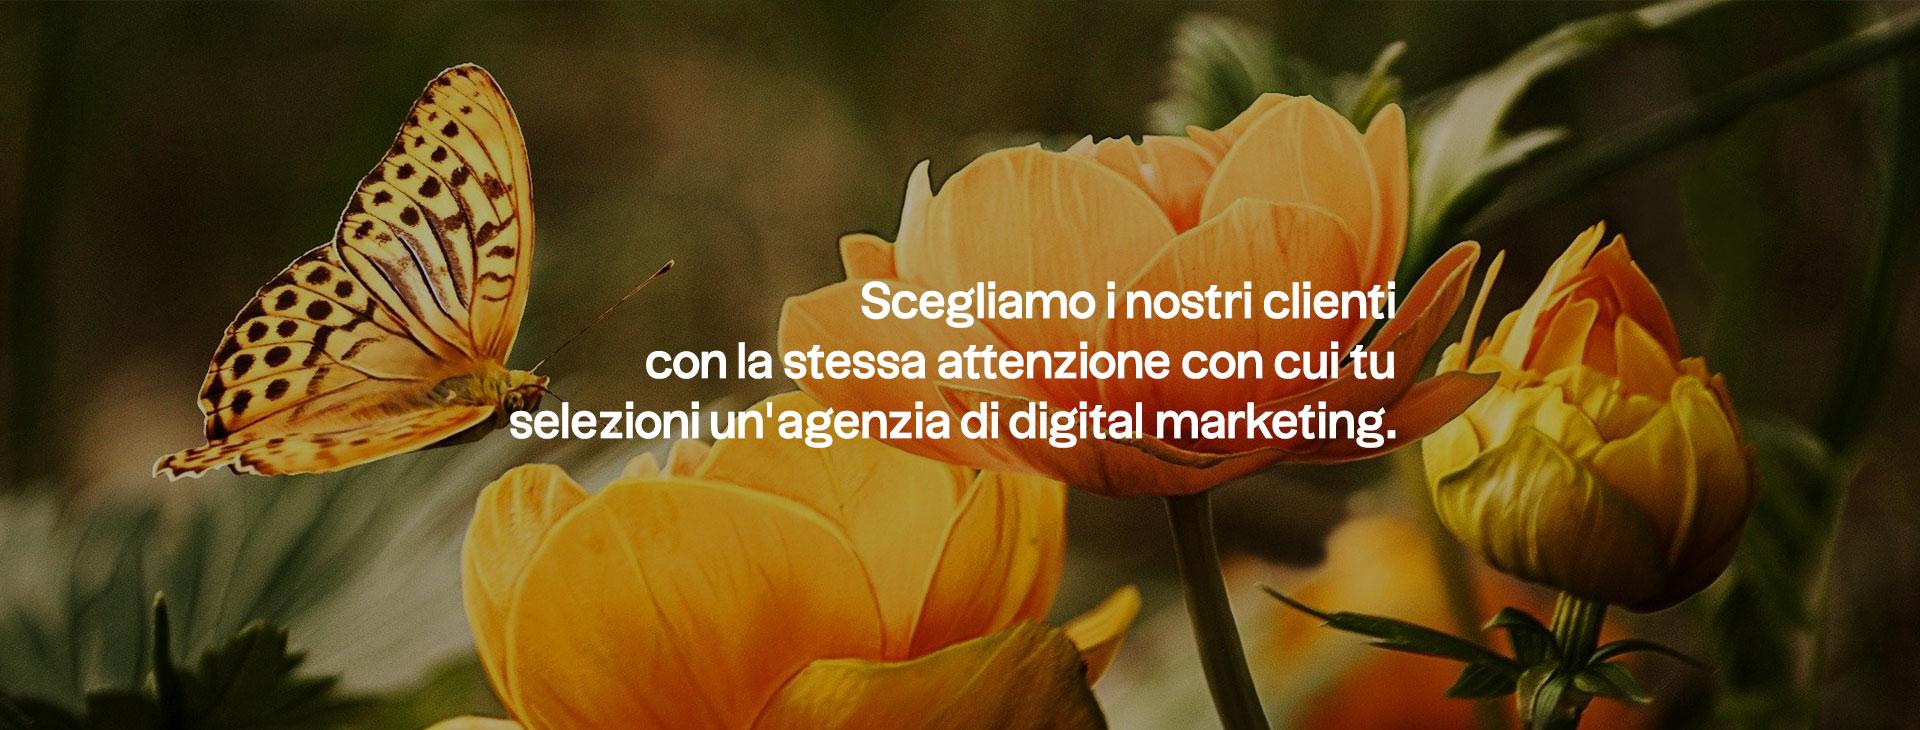 manifesto-5